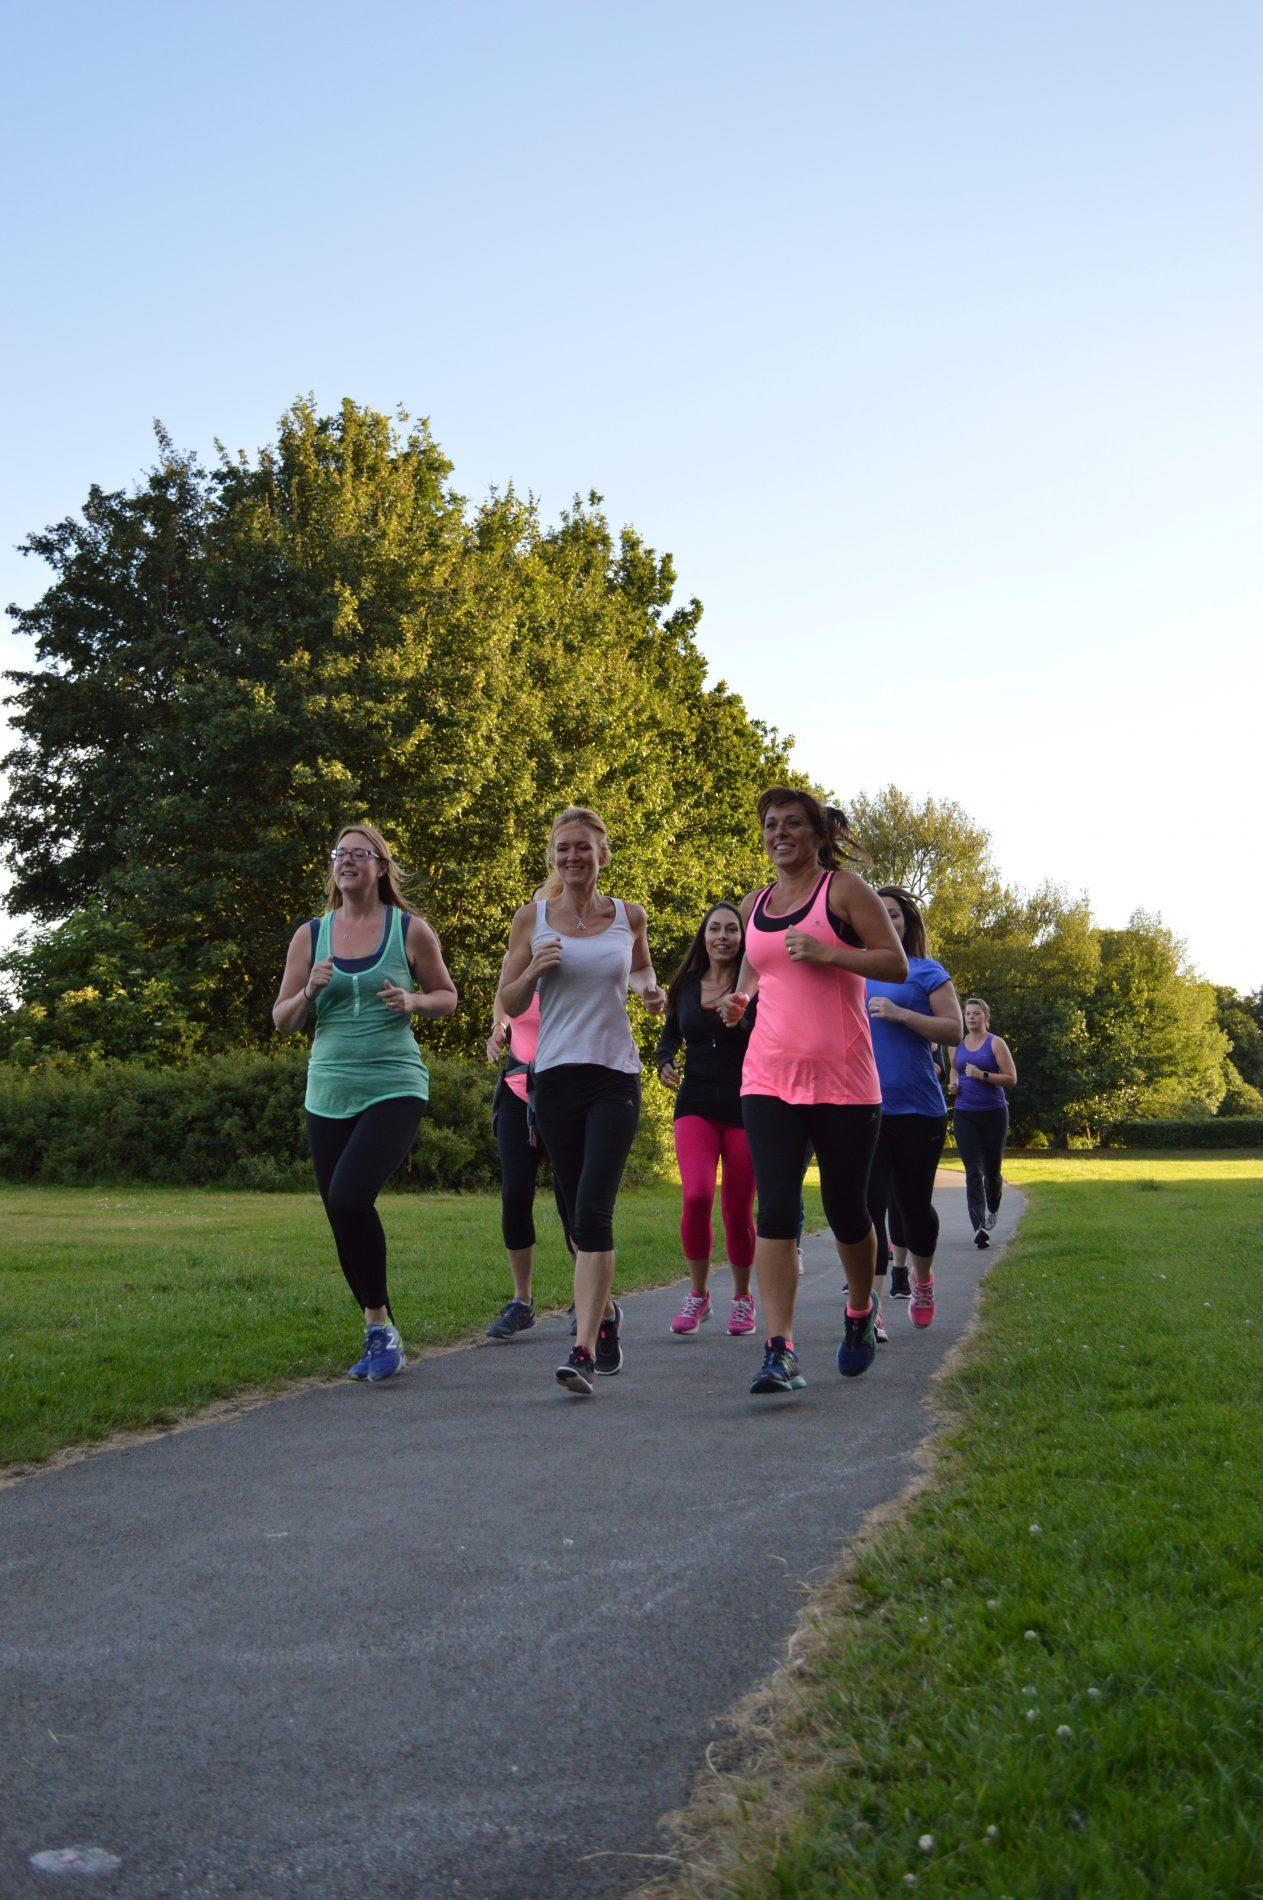 Solemother running together